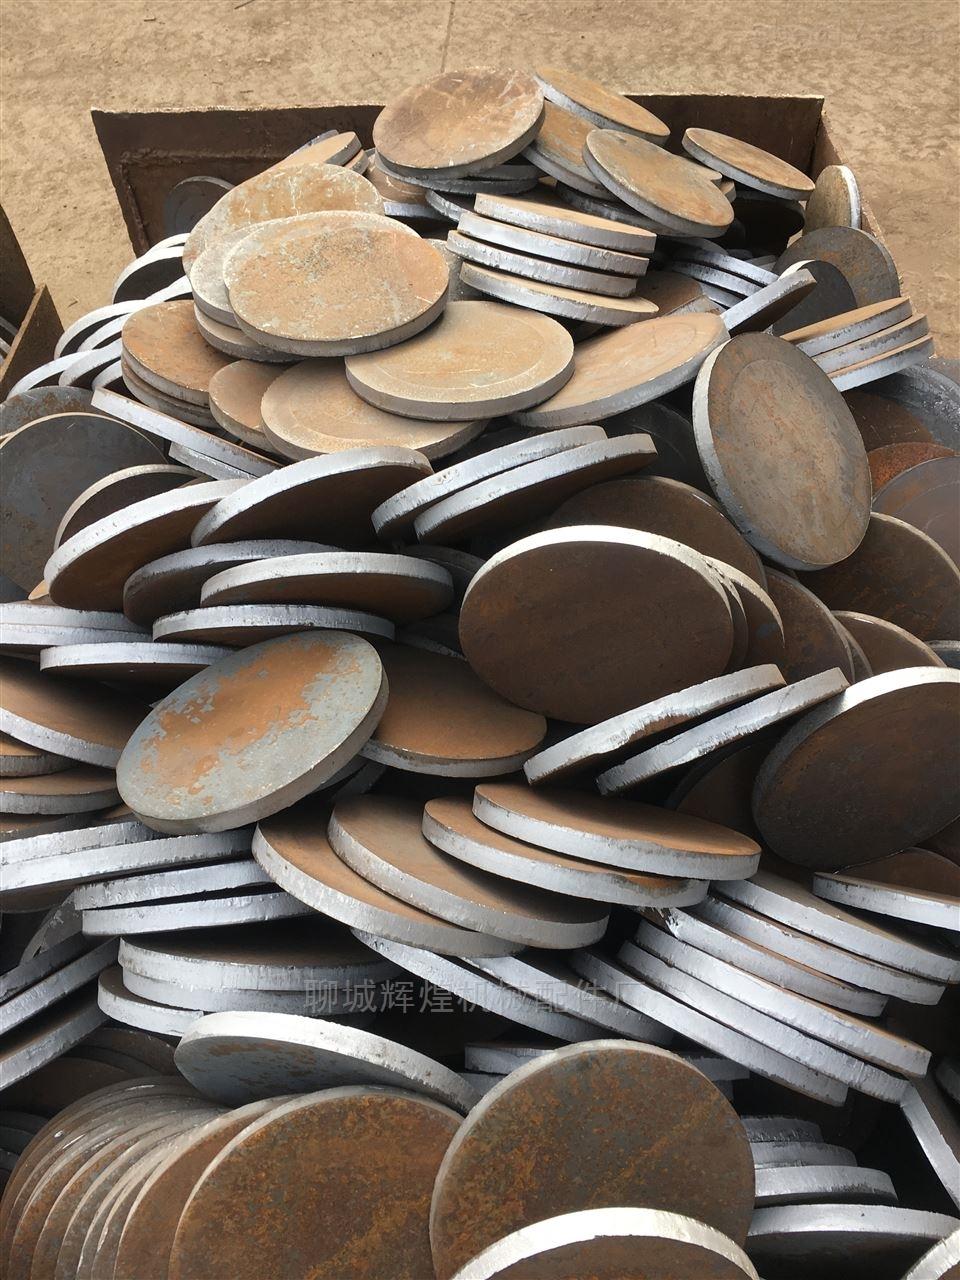 法兰毛坯厂家-嘉兴法兰毛坯厂家  嘉兴市场钢材报告